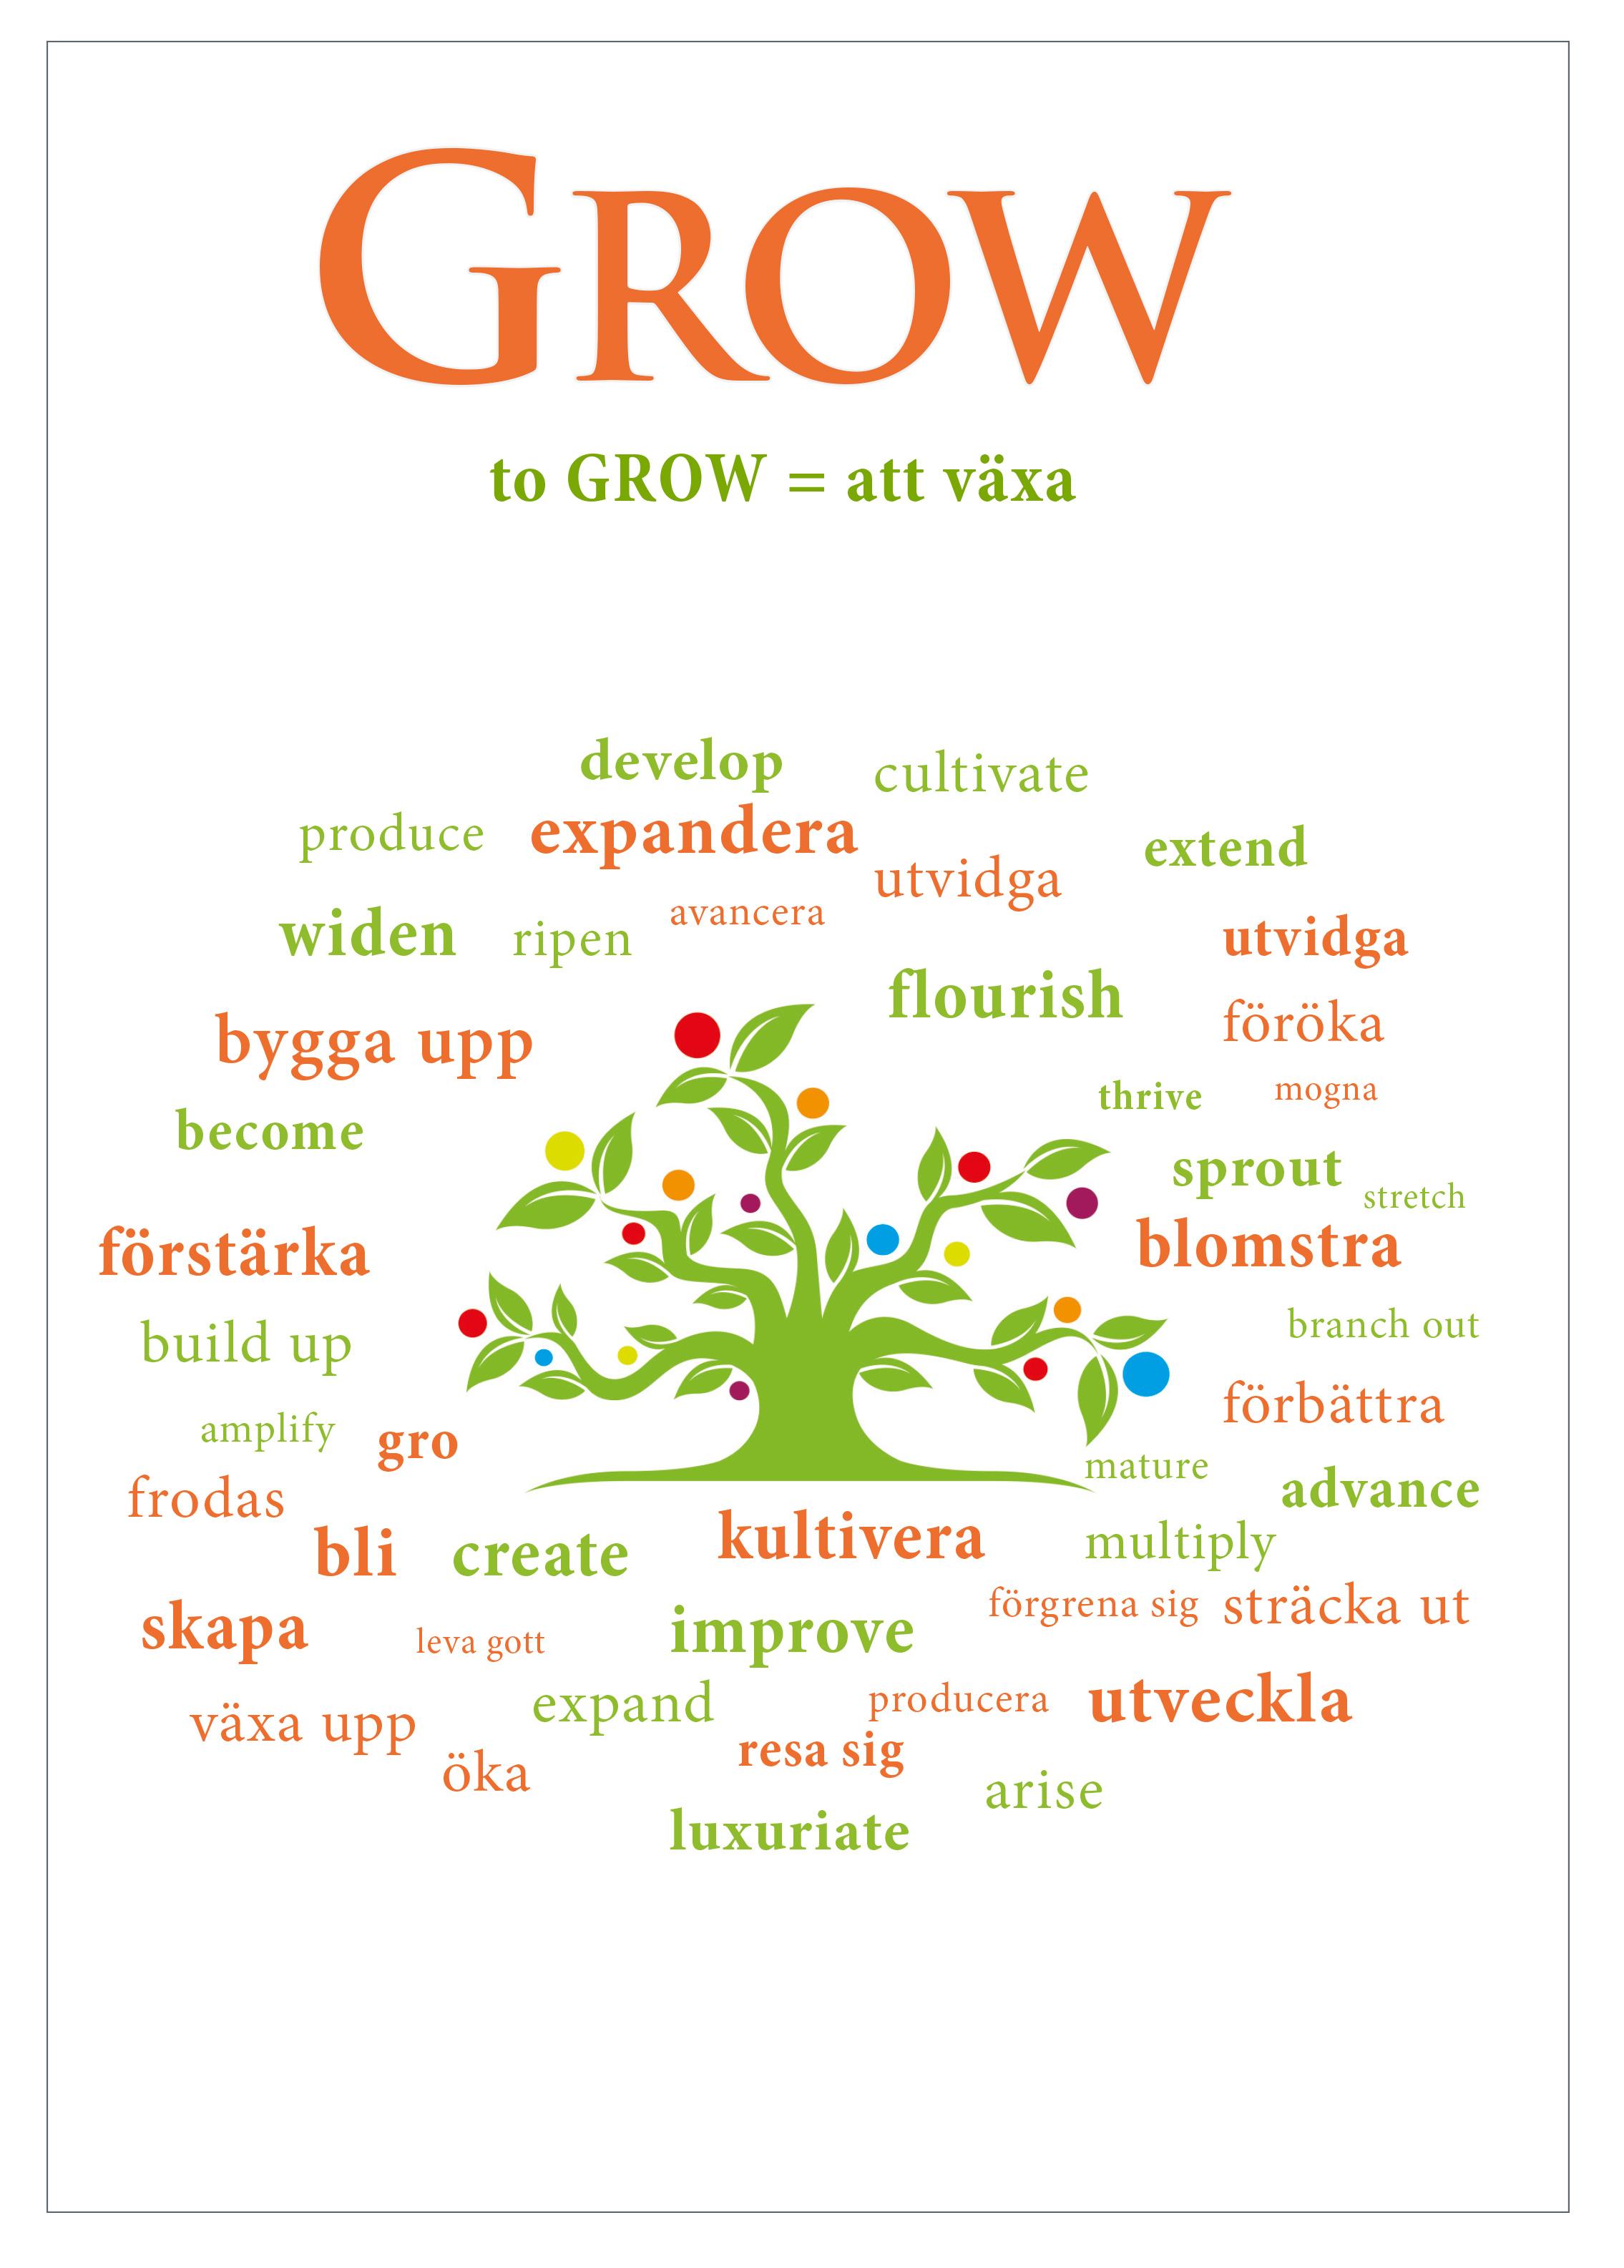 GROW magazine, nättidningen för professionella coacher och personlig utveckling